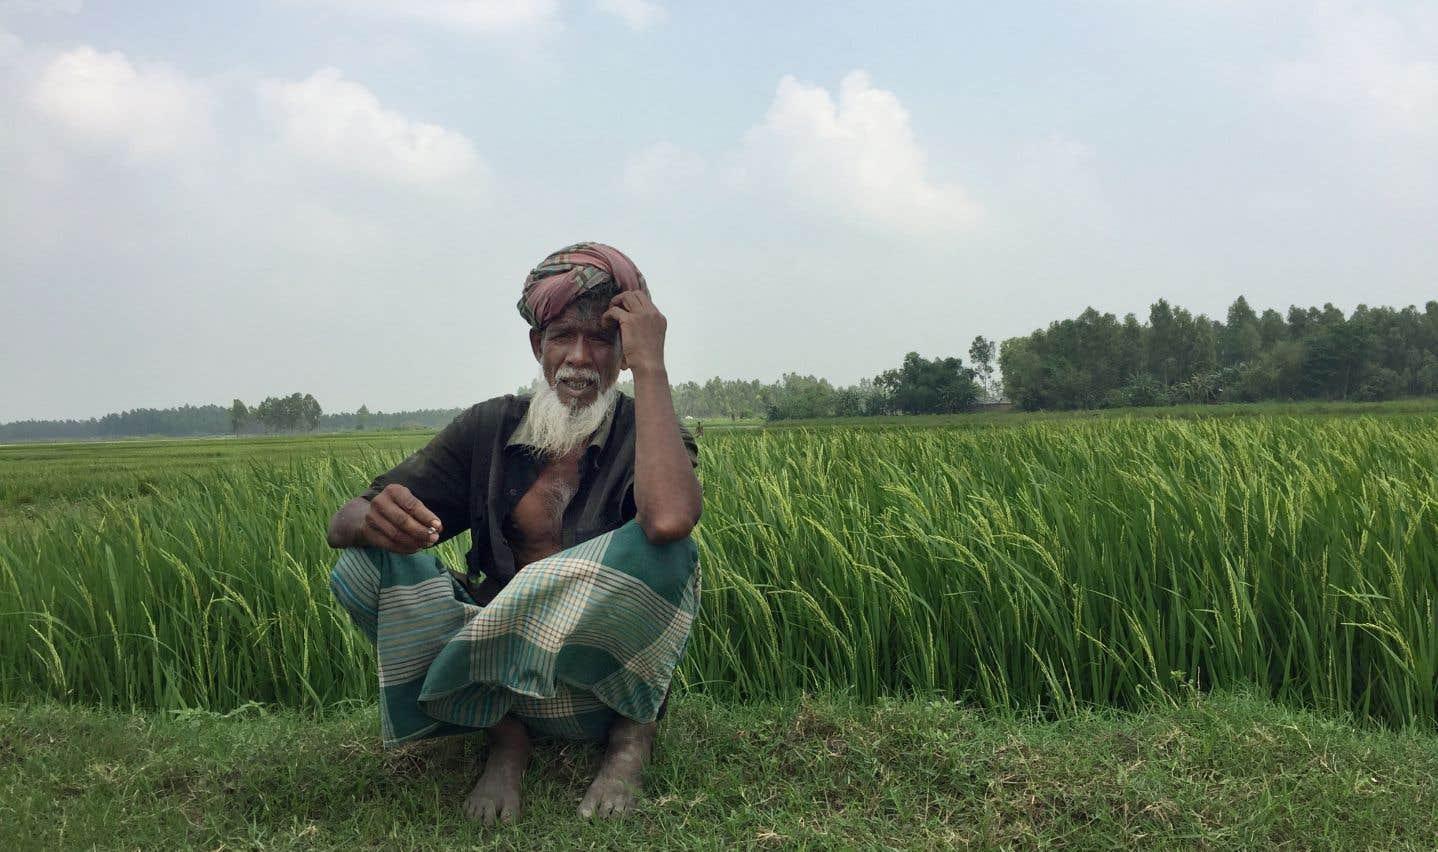 La salinisation des terres bouleverse la vie des paysans au Bangladesh